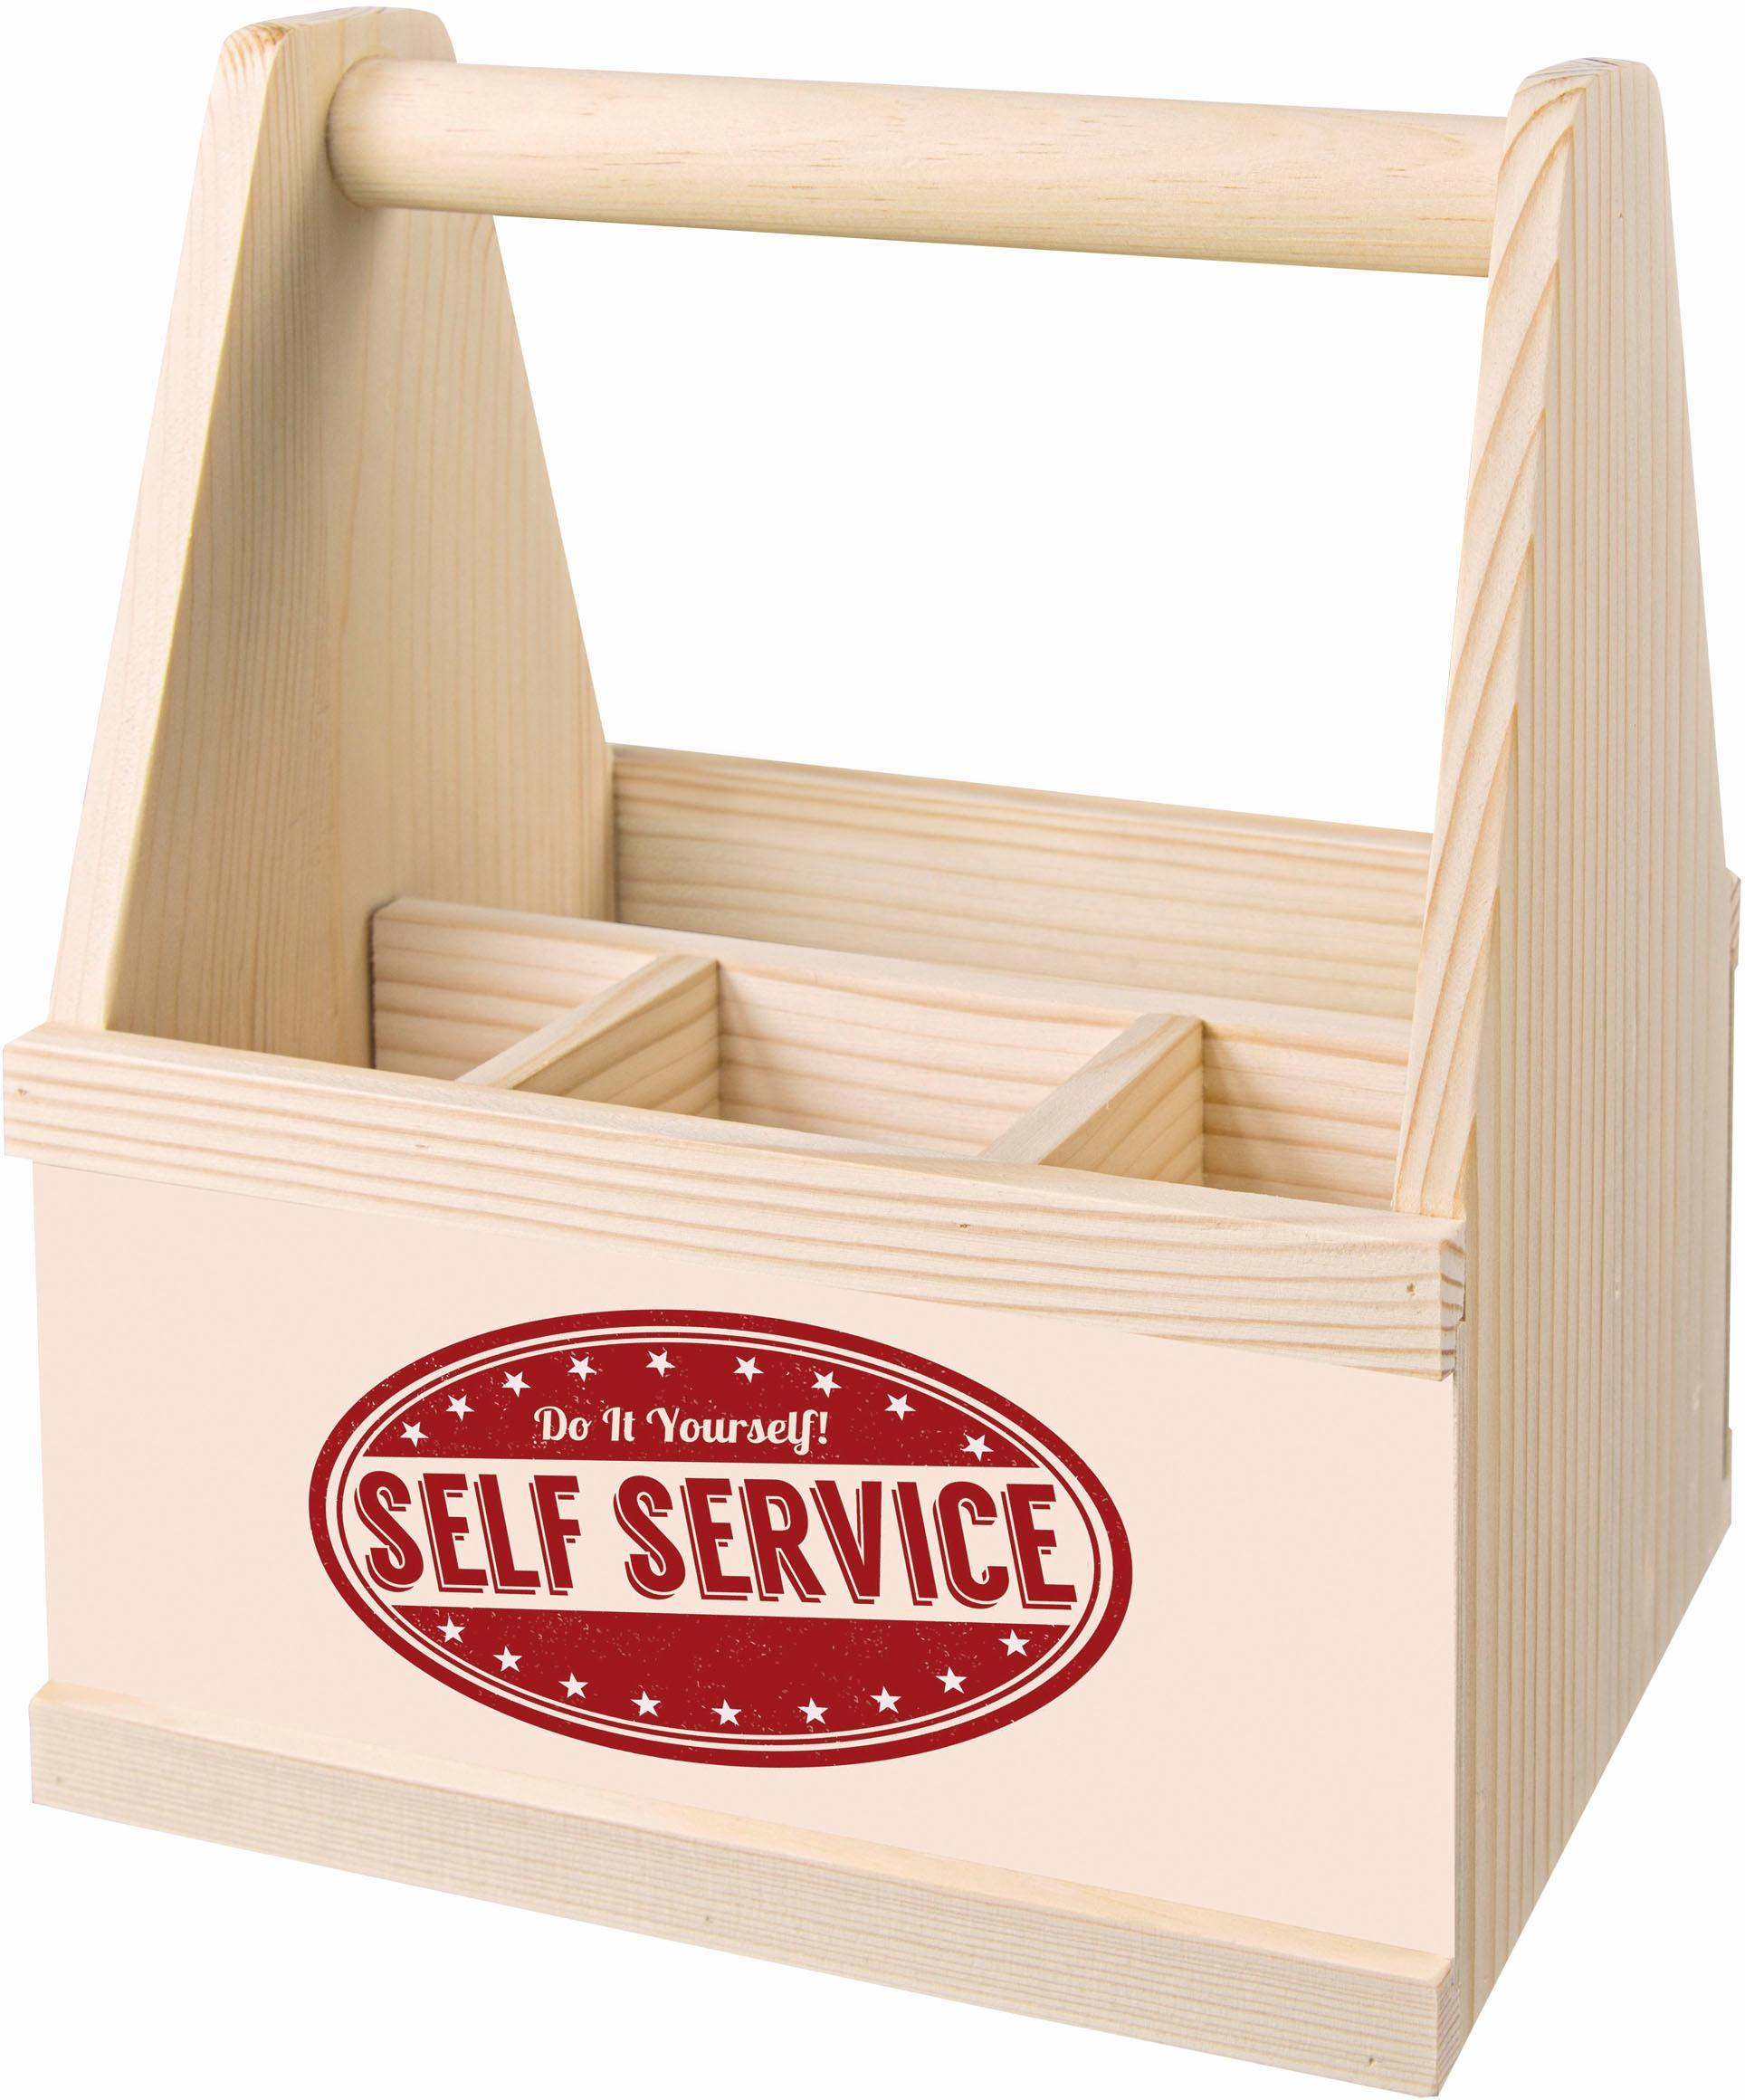 Contento Besteckträger Self Service beige Küchen-Ordnungshelfer Küchenhelfer Küche